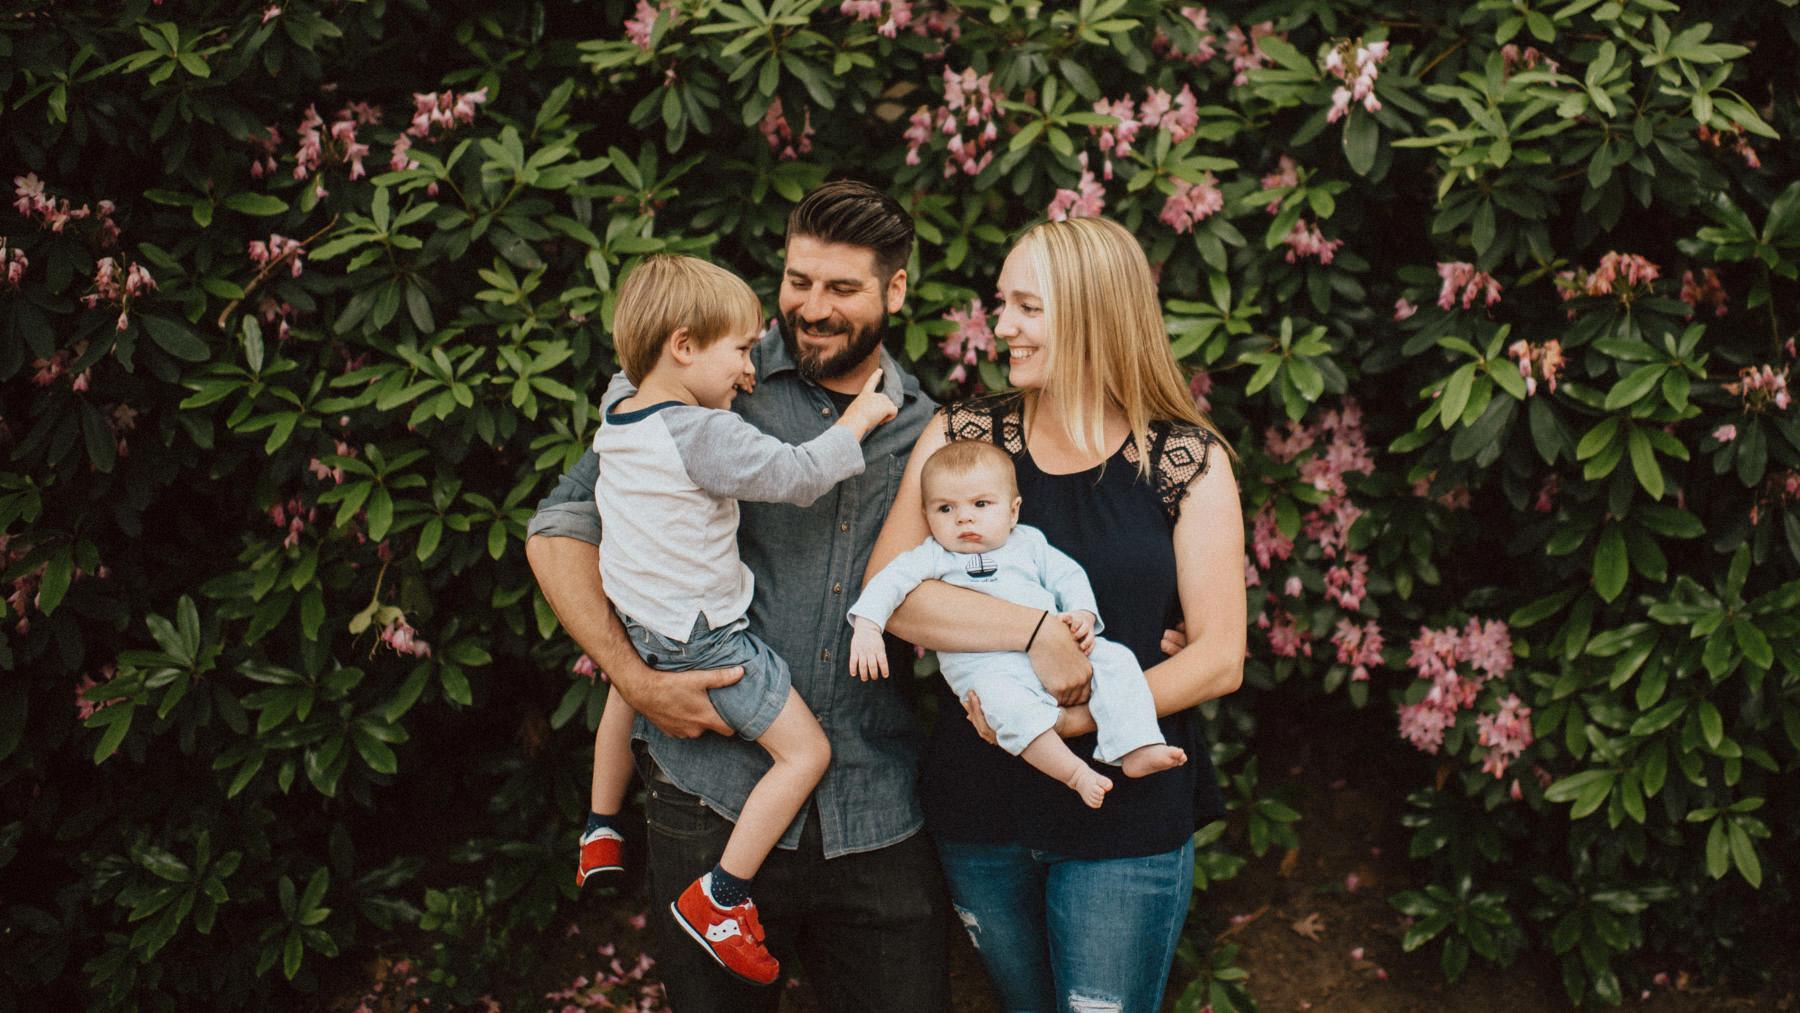 125-delaware-family-photographer-1-6.jpg